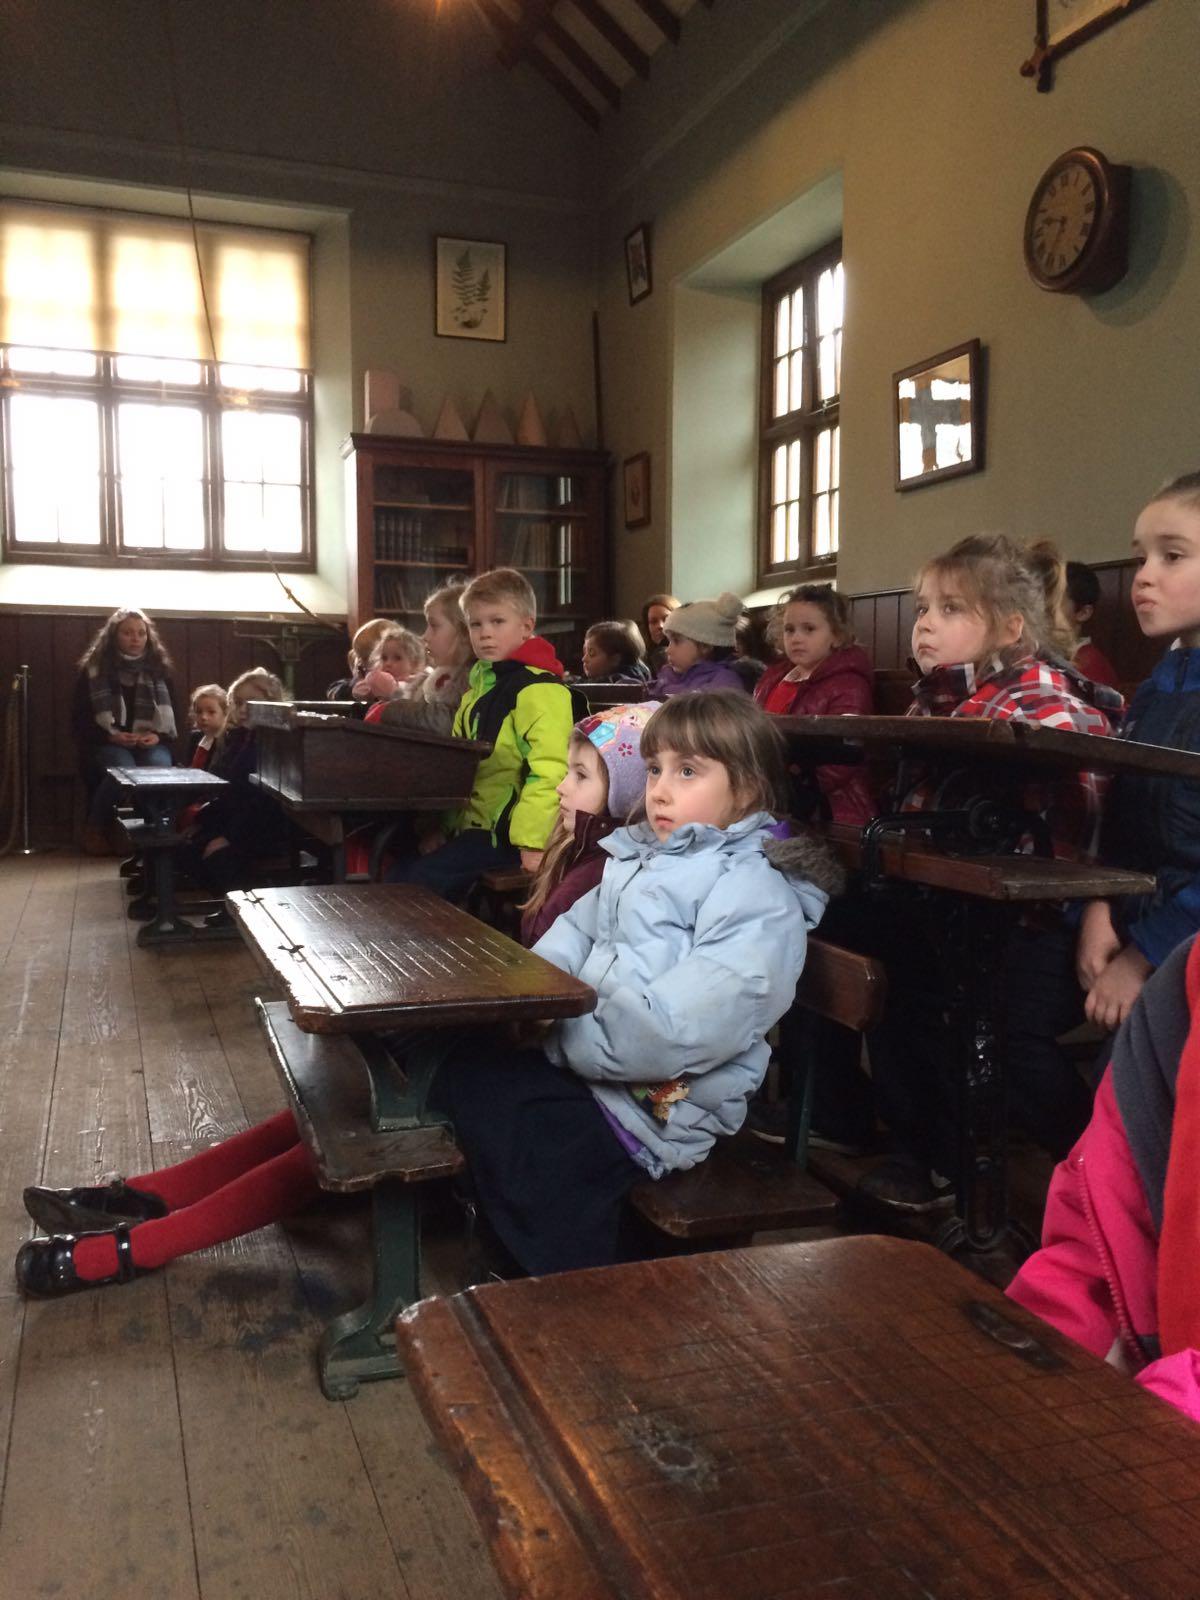 'Olden days school' is not much fun!